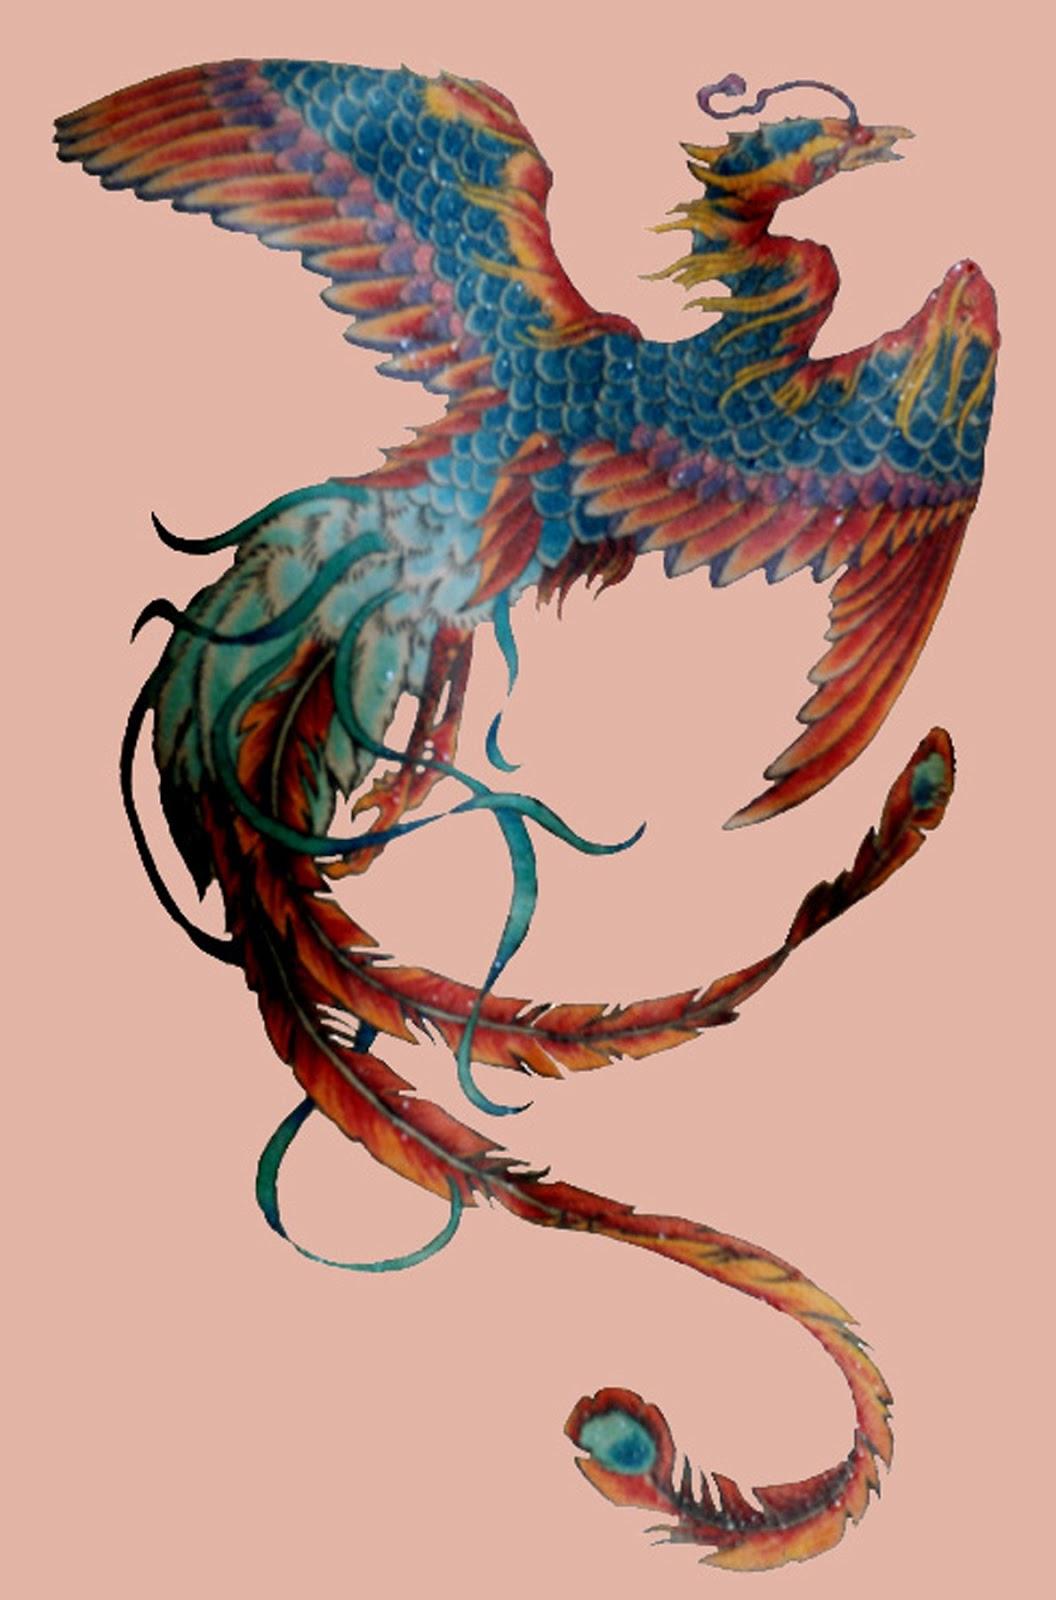 22.+Phoenix+tattoo+art.jpg